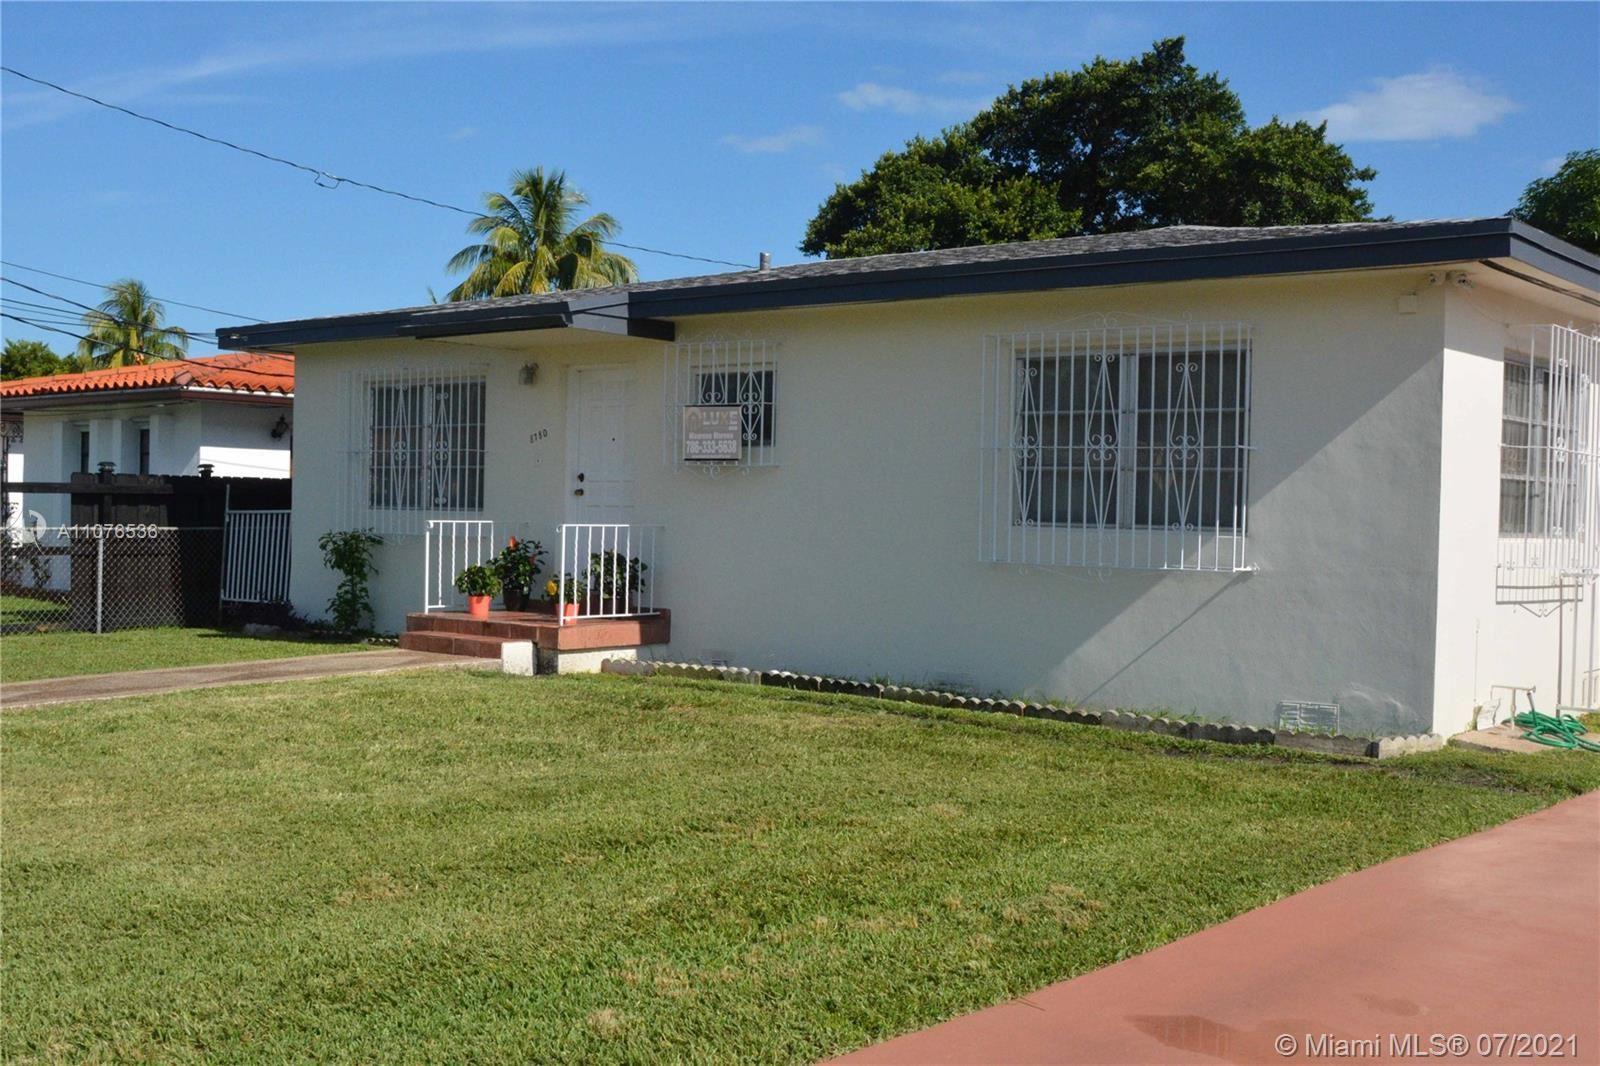 8780 SW 25th St, Miami, FL 33165 - MLS#: A11076536